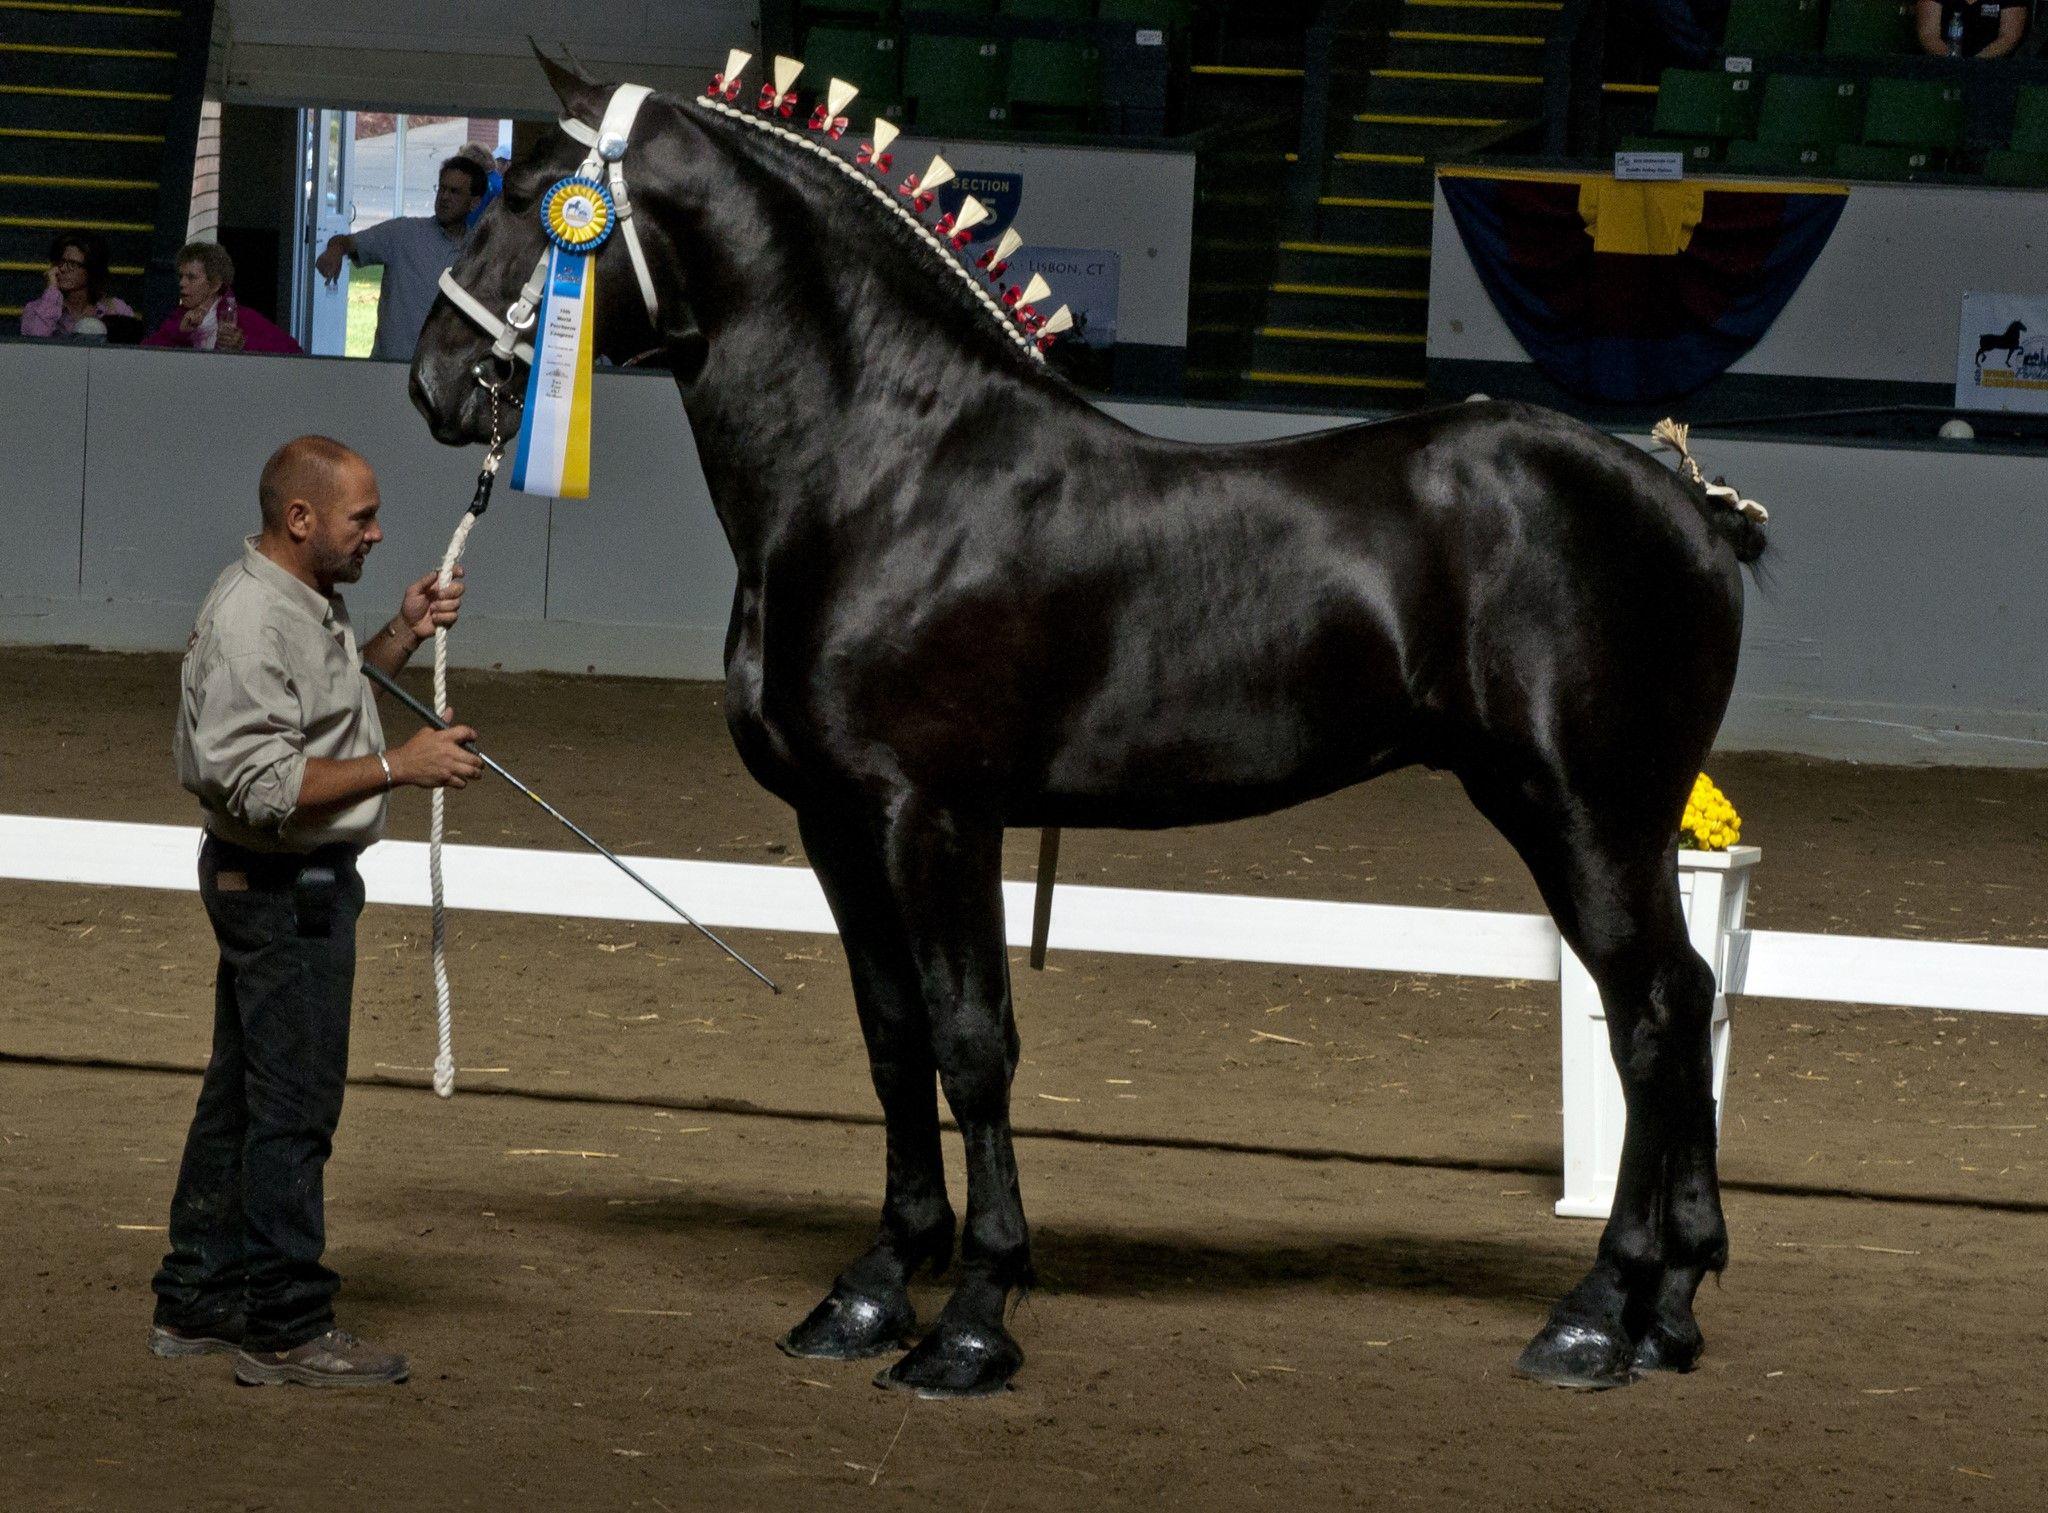 4f3071f6a184c6c27f67a169b811a469 image result for heavy harness horses horses pinterest horse